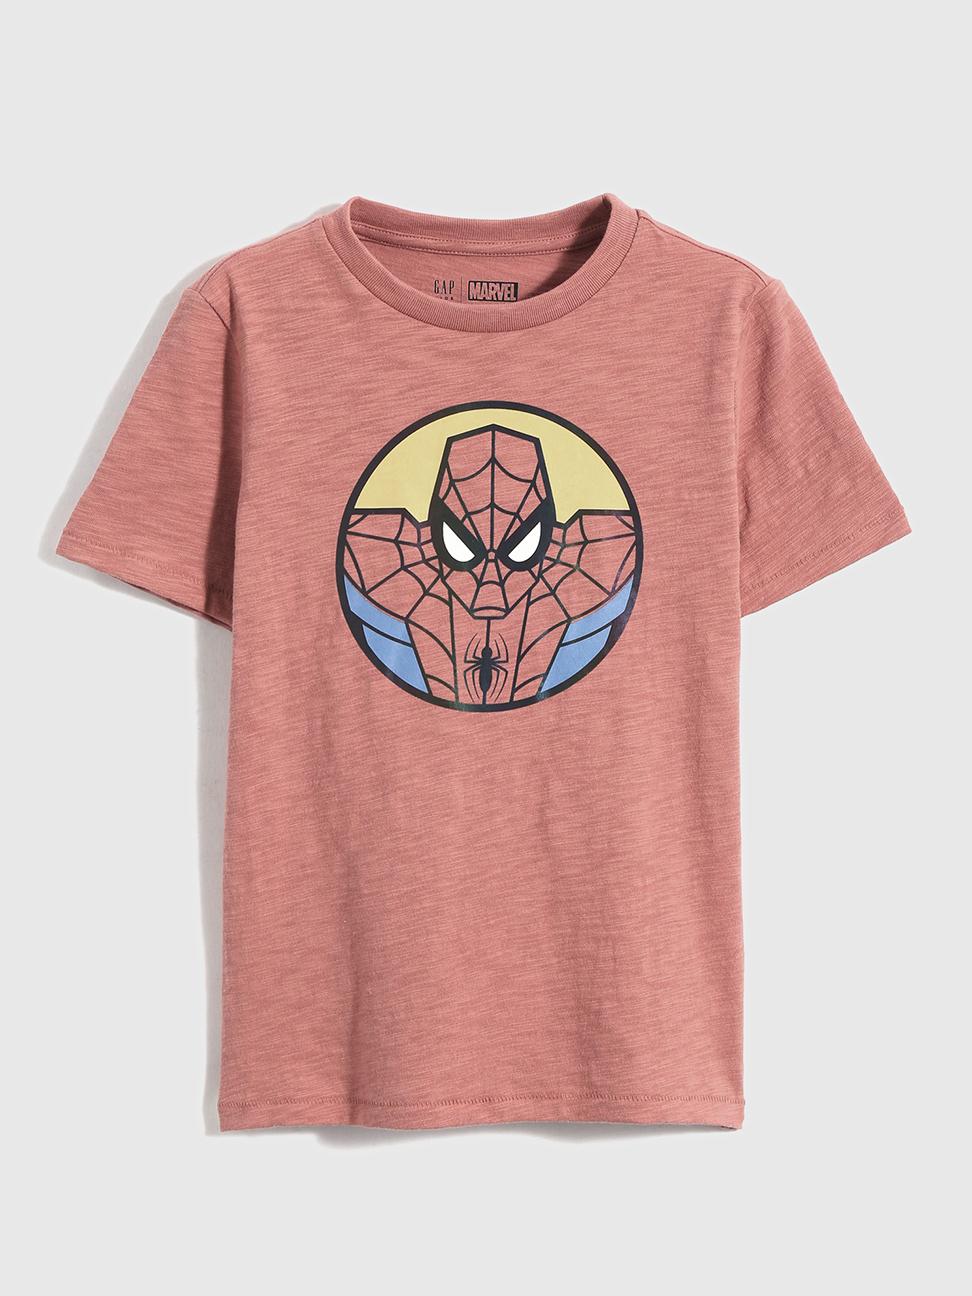 男童 Gap x Marvel 漫威系列純棉短袖T恤